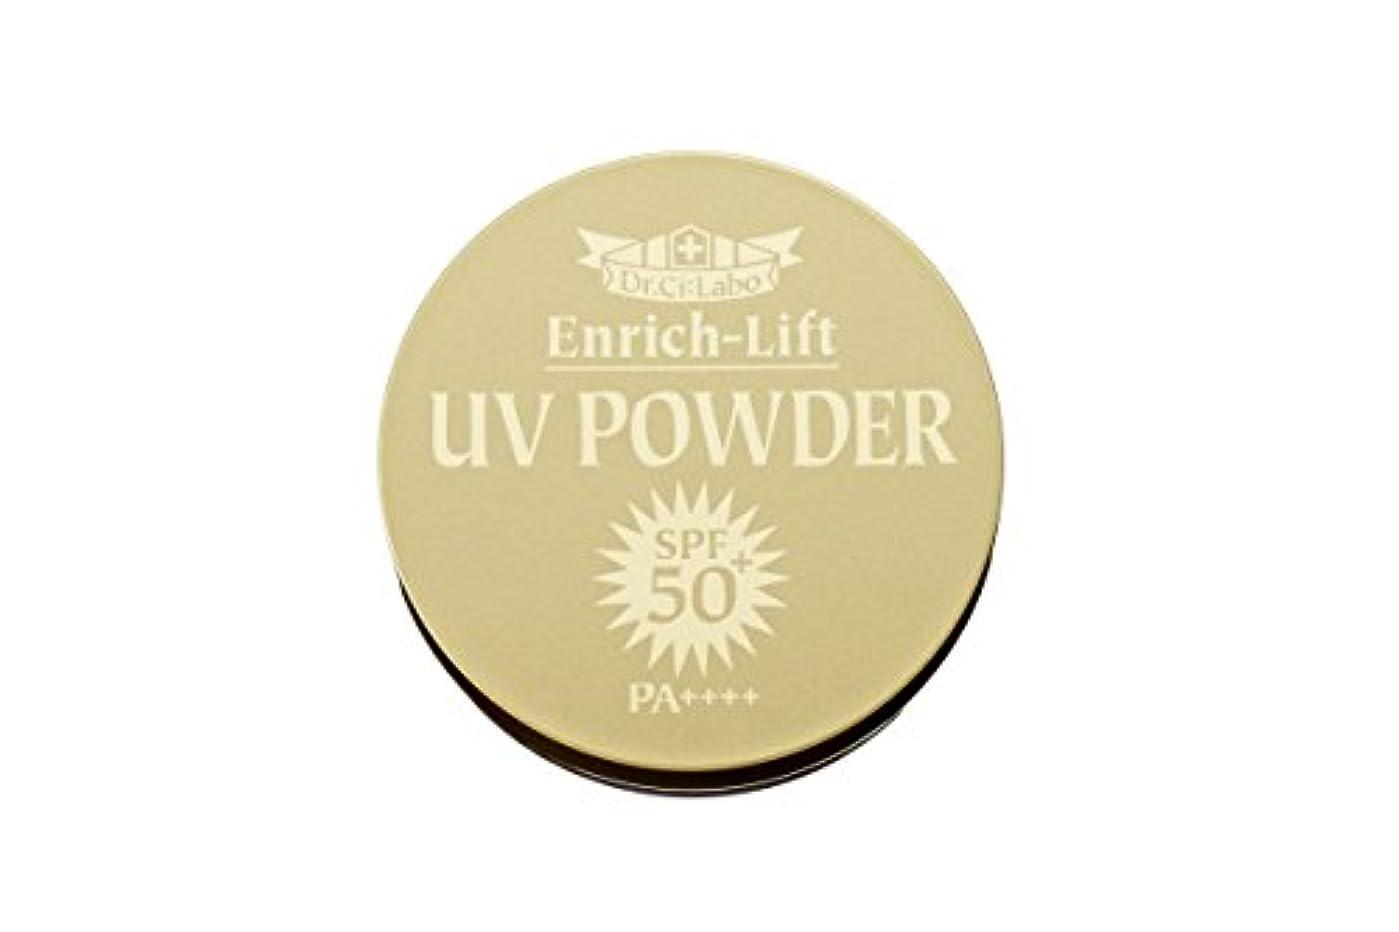 行為公演ベースドクターシーラボ エンリッチ リフト UVパウダー 50+ SPF 50+ PA++++ 3.5g 日焼け止め